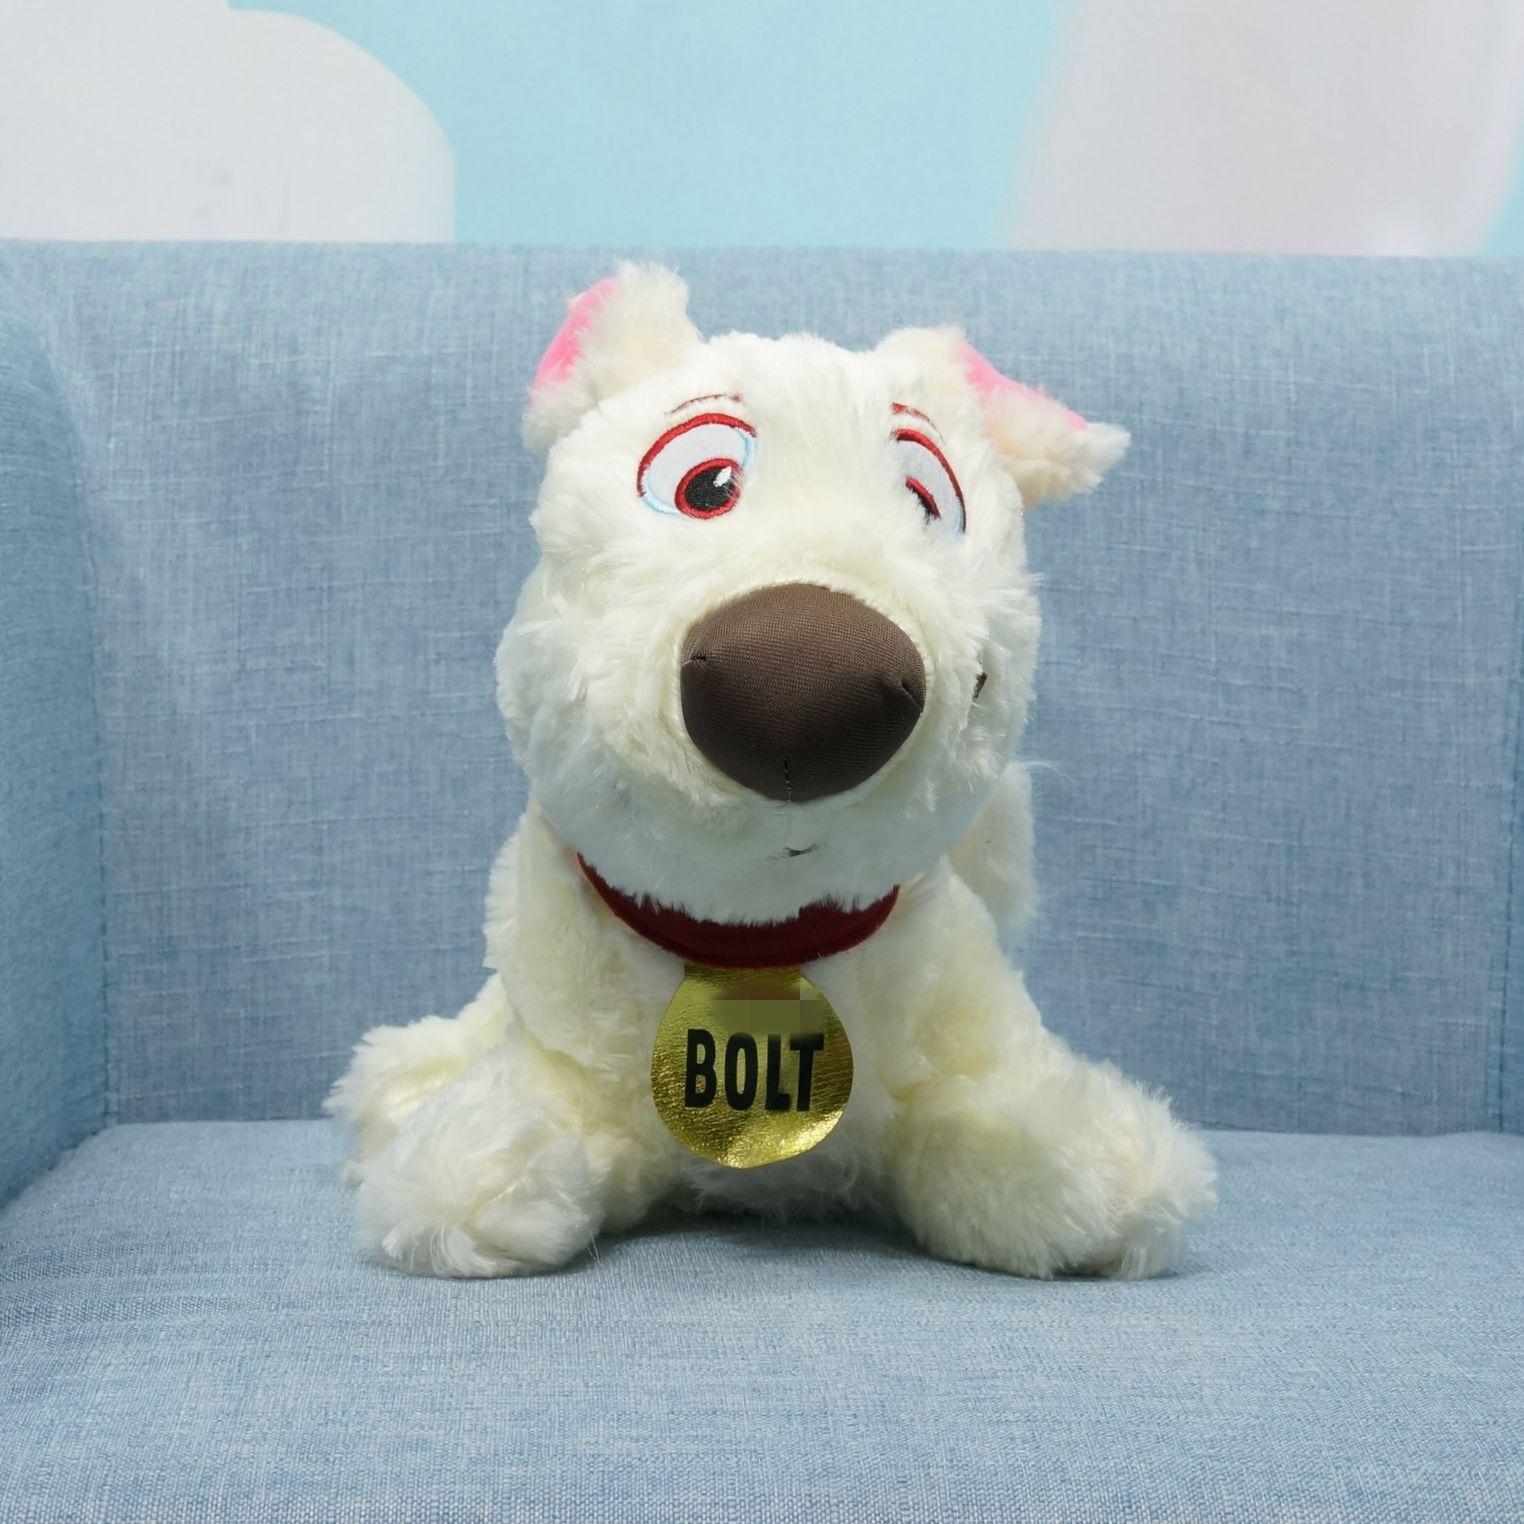 New Arrival Soft Anime Bolt Dog Animal Plush Toy Children Baby Boy